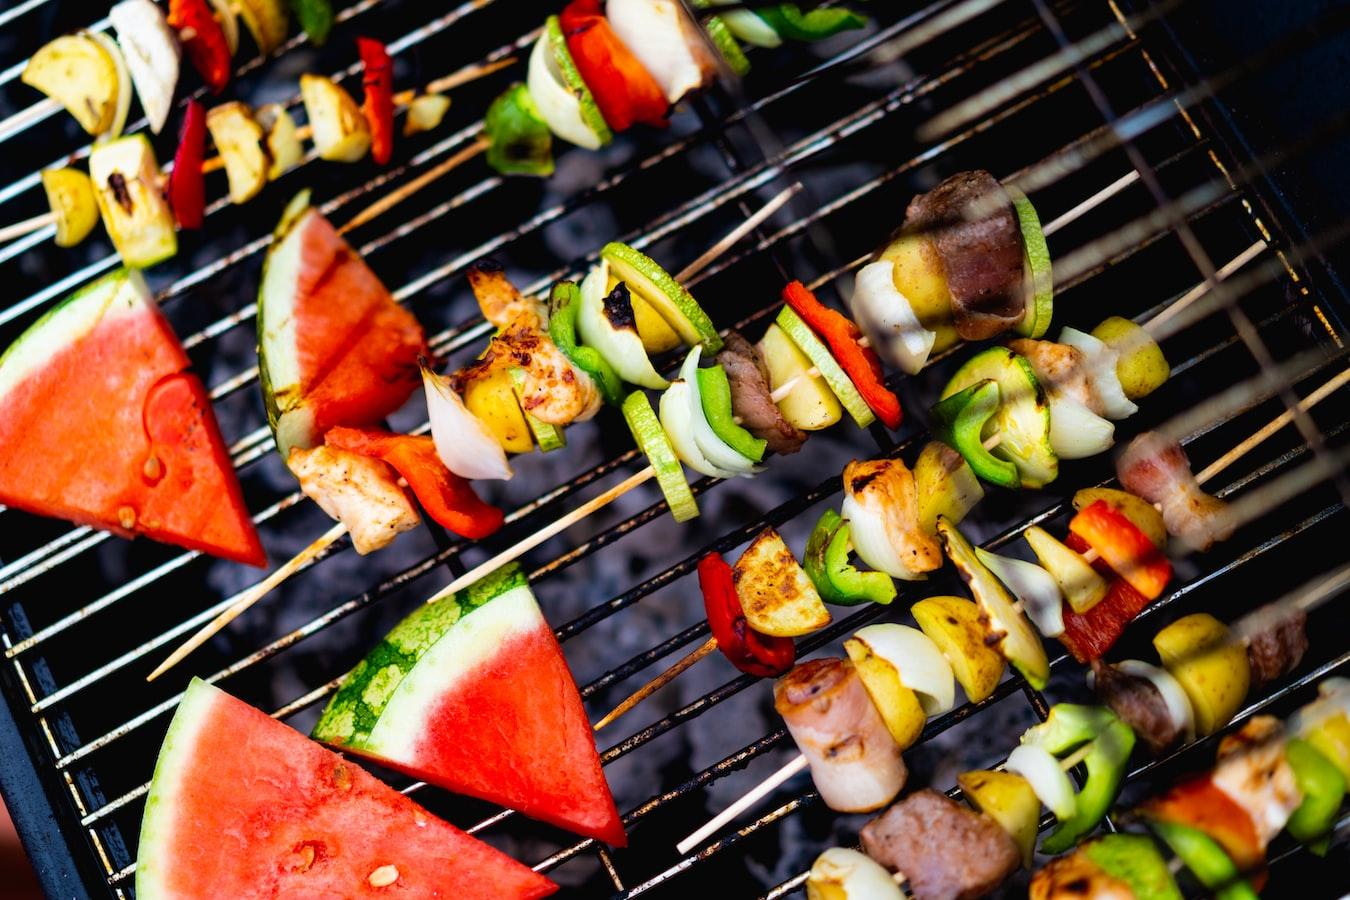 高血壓注意:烤肉醬一匙鹽分就超標!7種香草比調味料還棒 | Heho健康